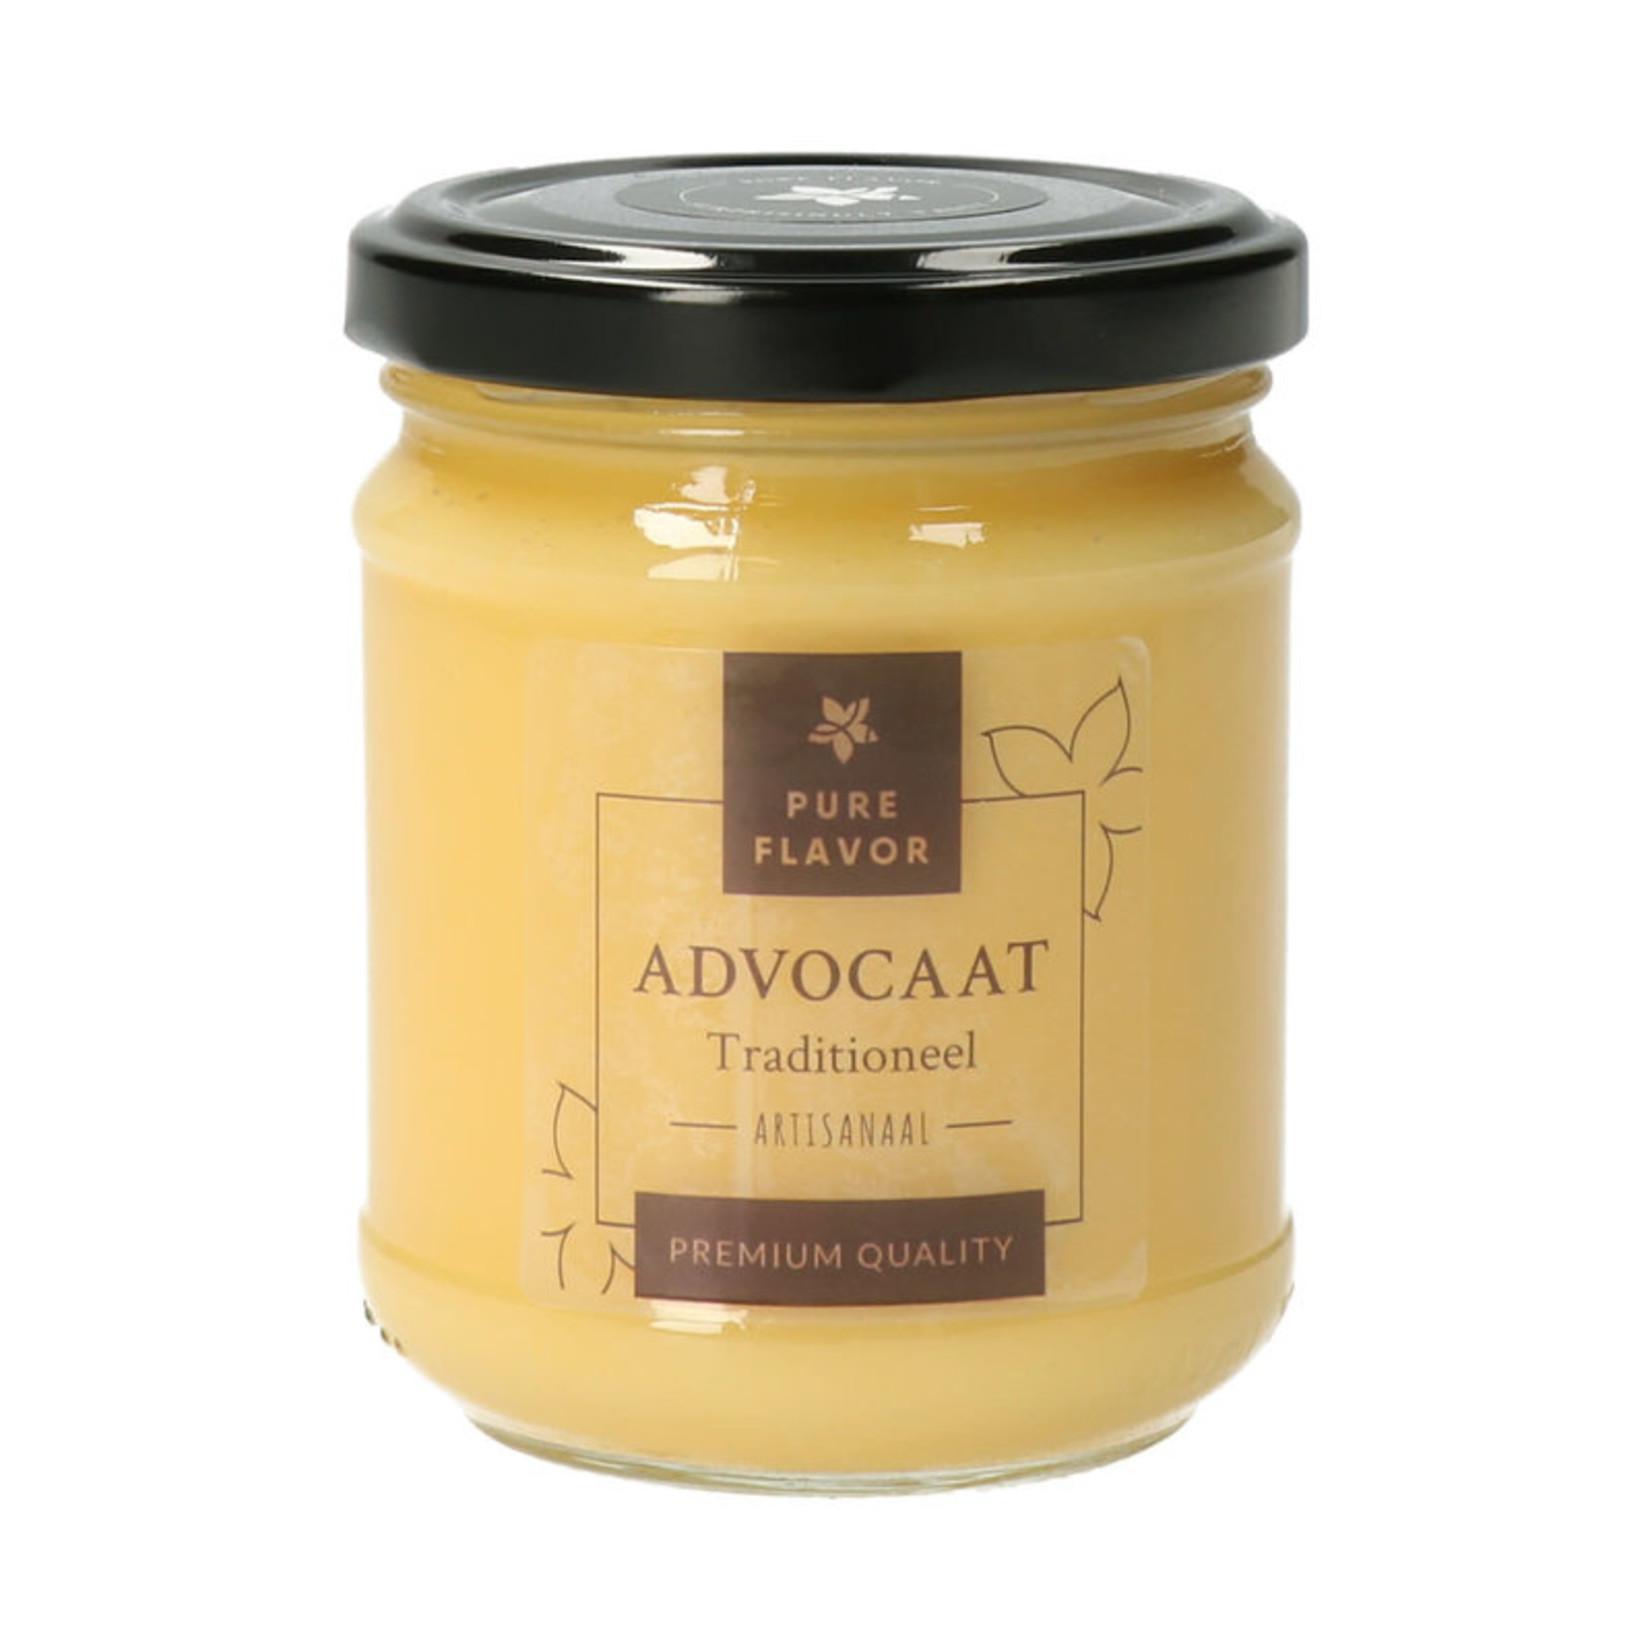 Pure Flavor Advocaat Amaretto 228ml